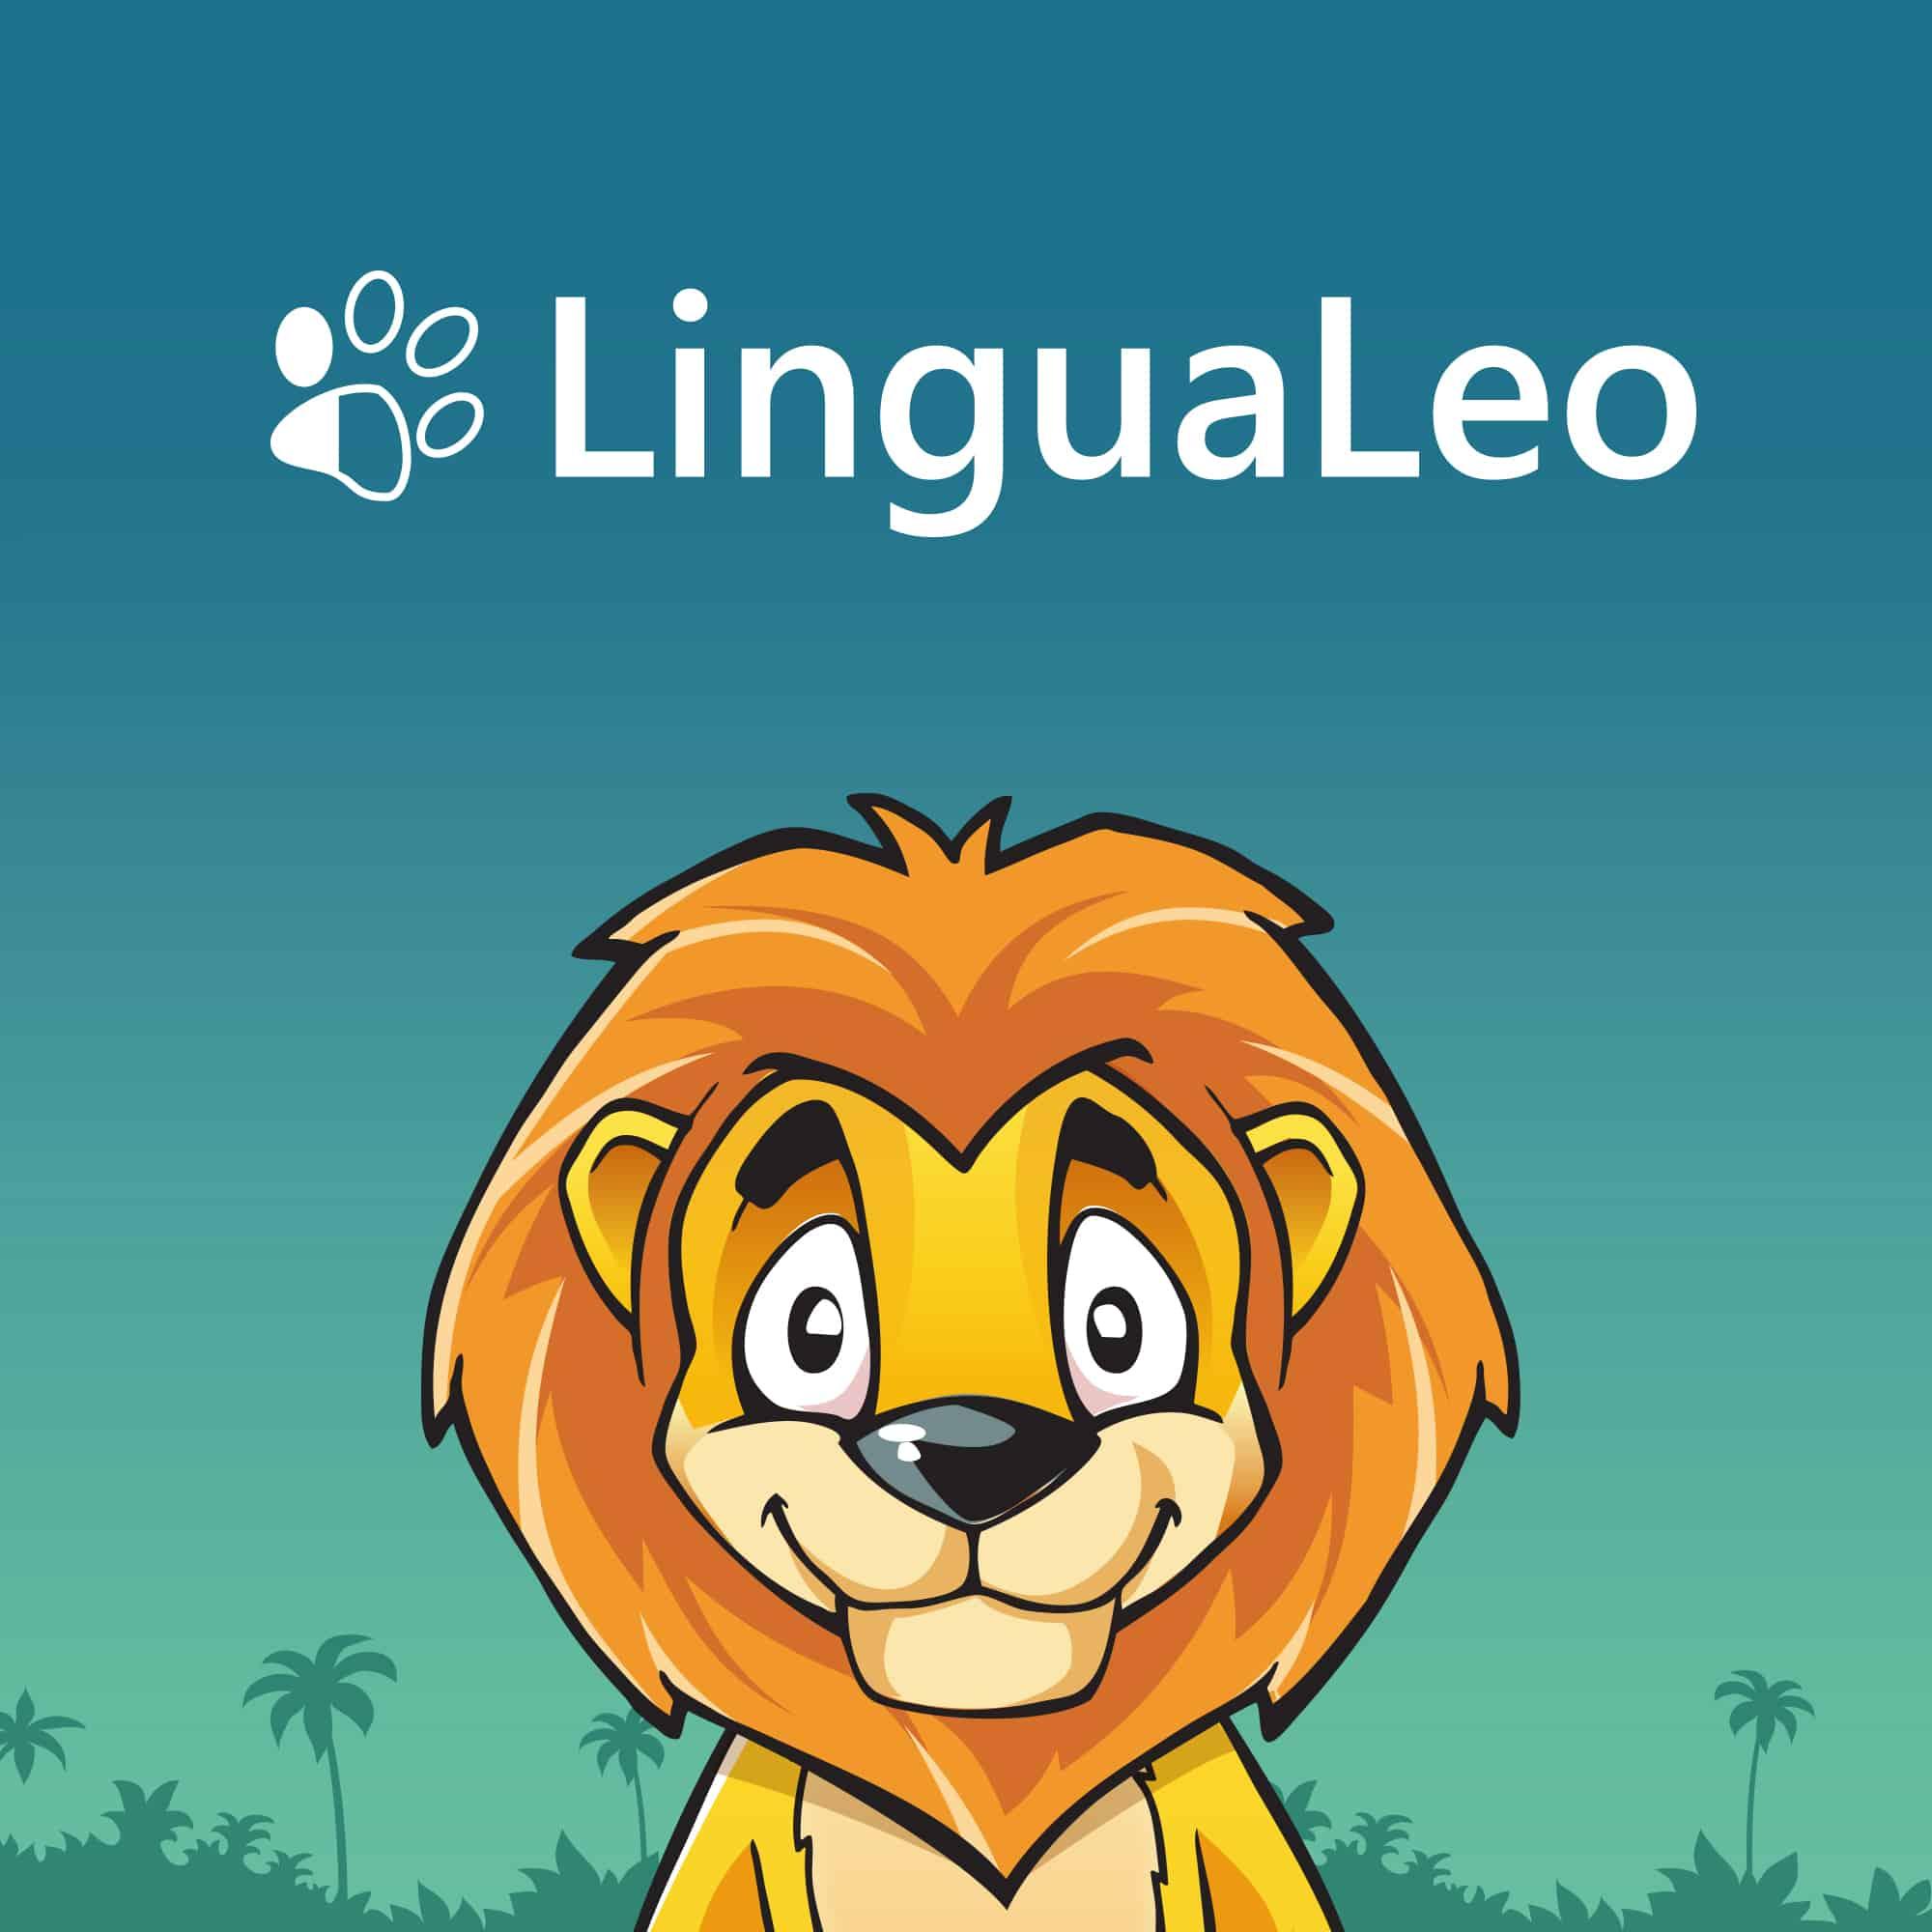 Aplicativos gratuitos para aprender inglês - Como baixar e usar